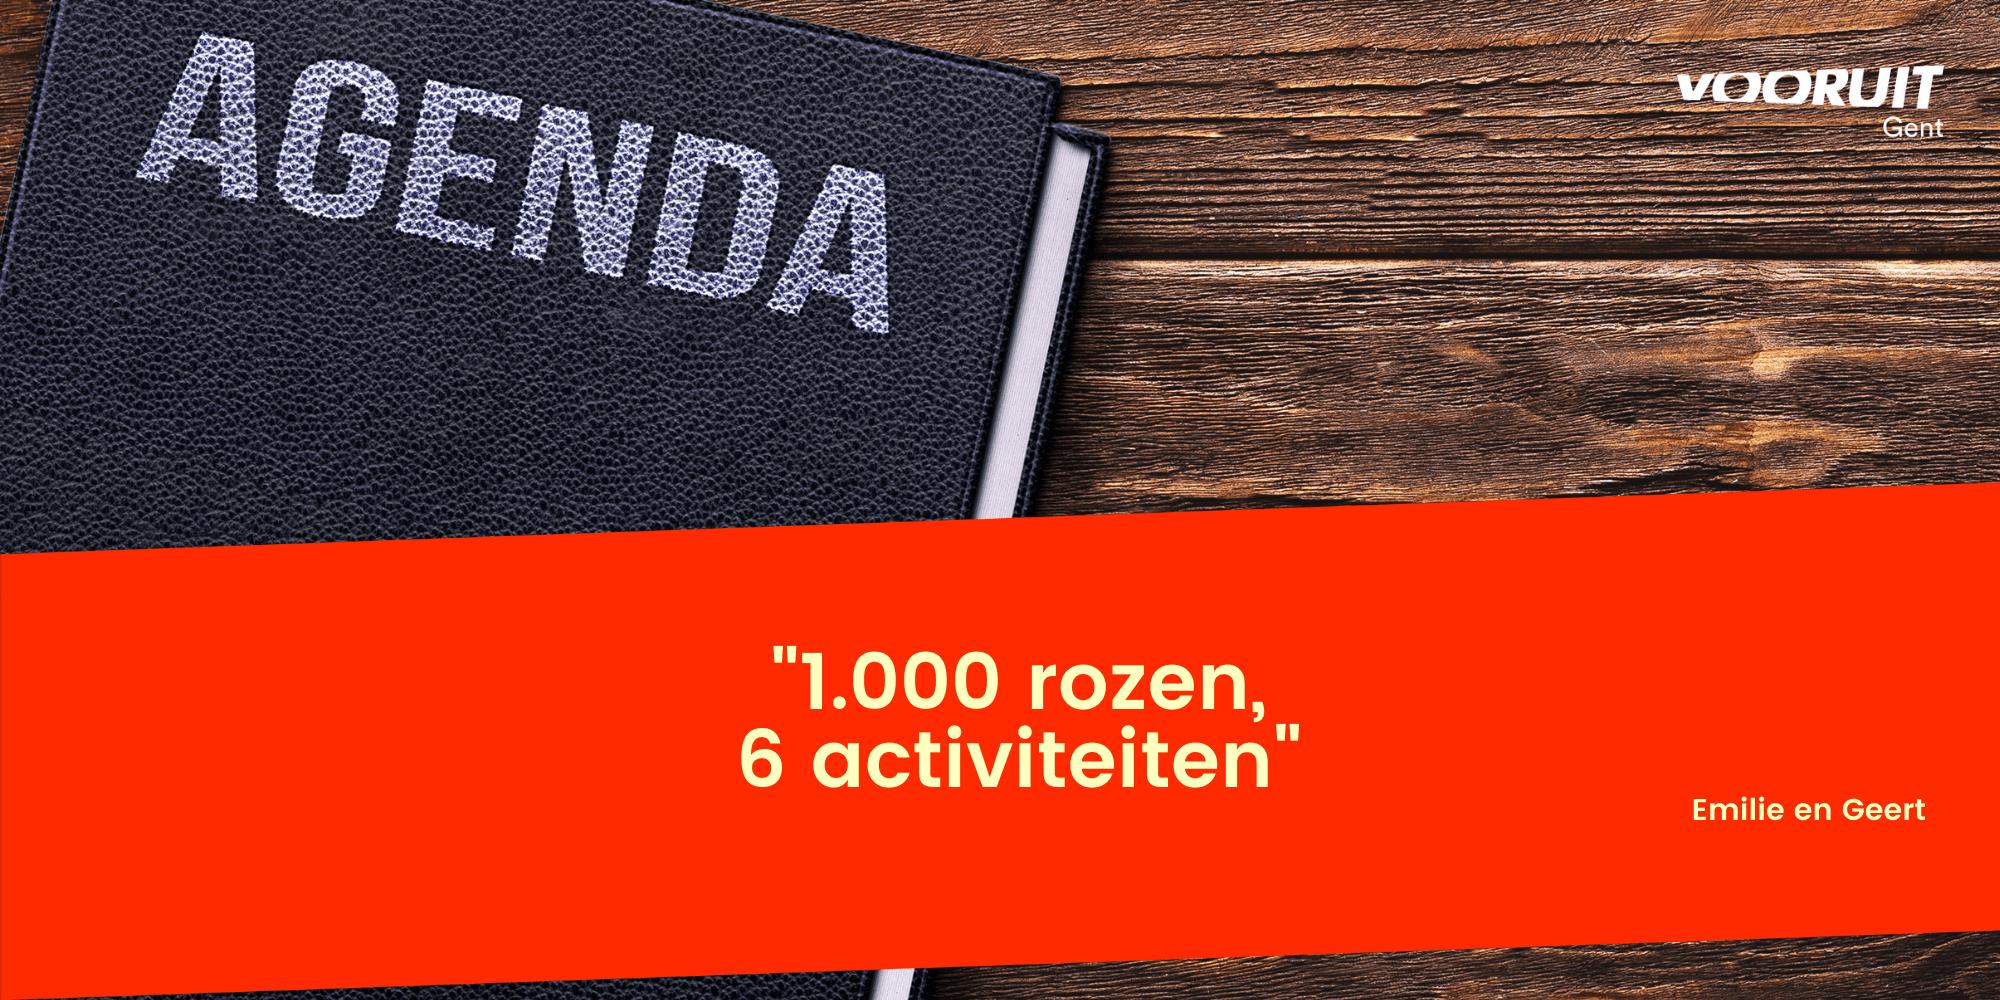 1.000_rozen__6_activiteiten_(1).png